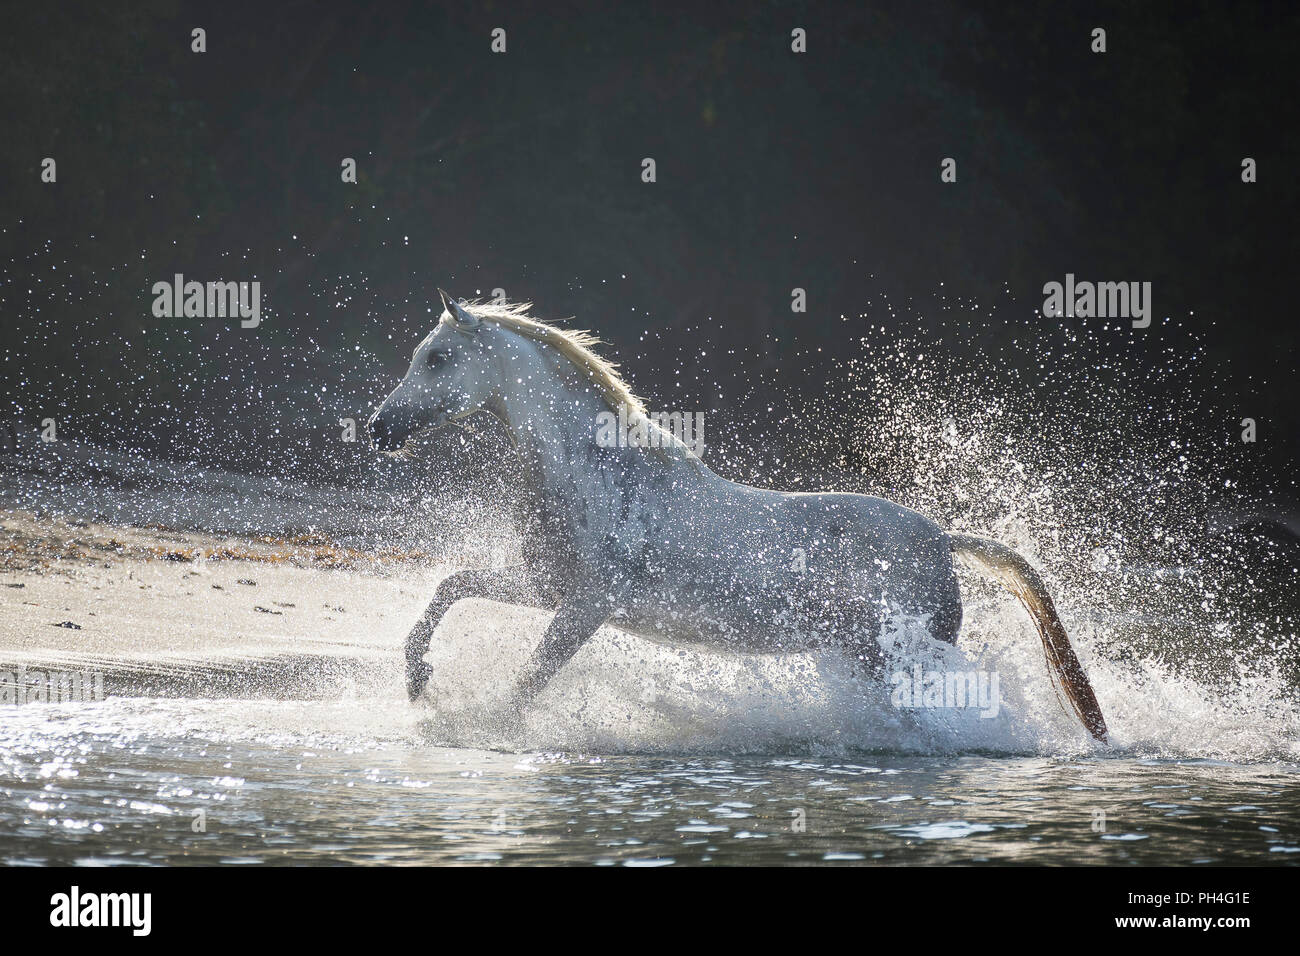 Arabian Horse. Grigio mare al galoppo fuori del mare su una spiaggia tropicale. Seicelle Immagini Stock